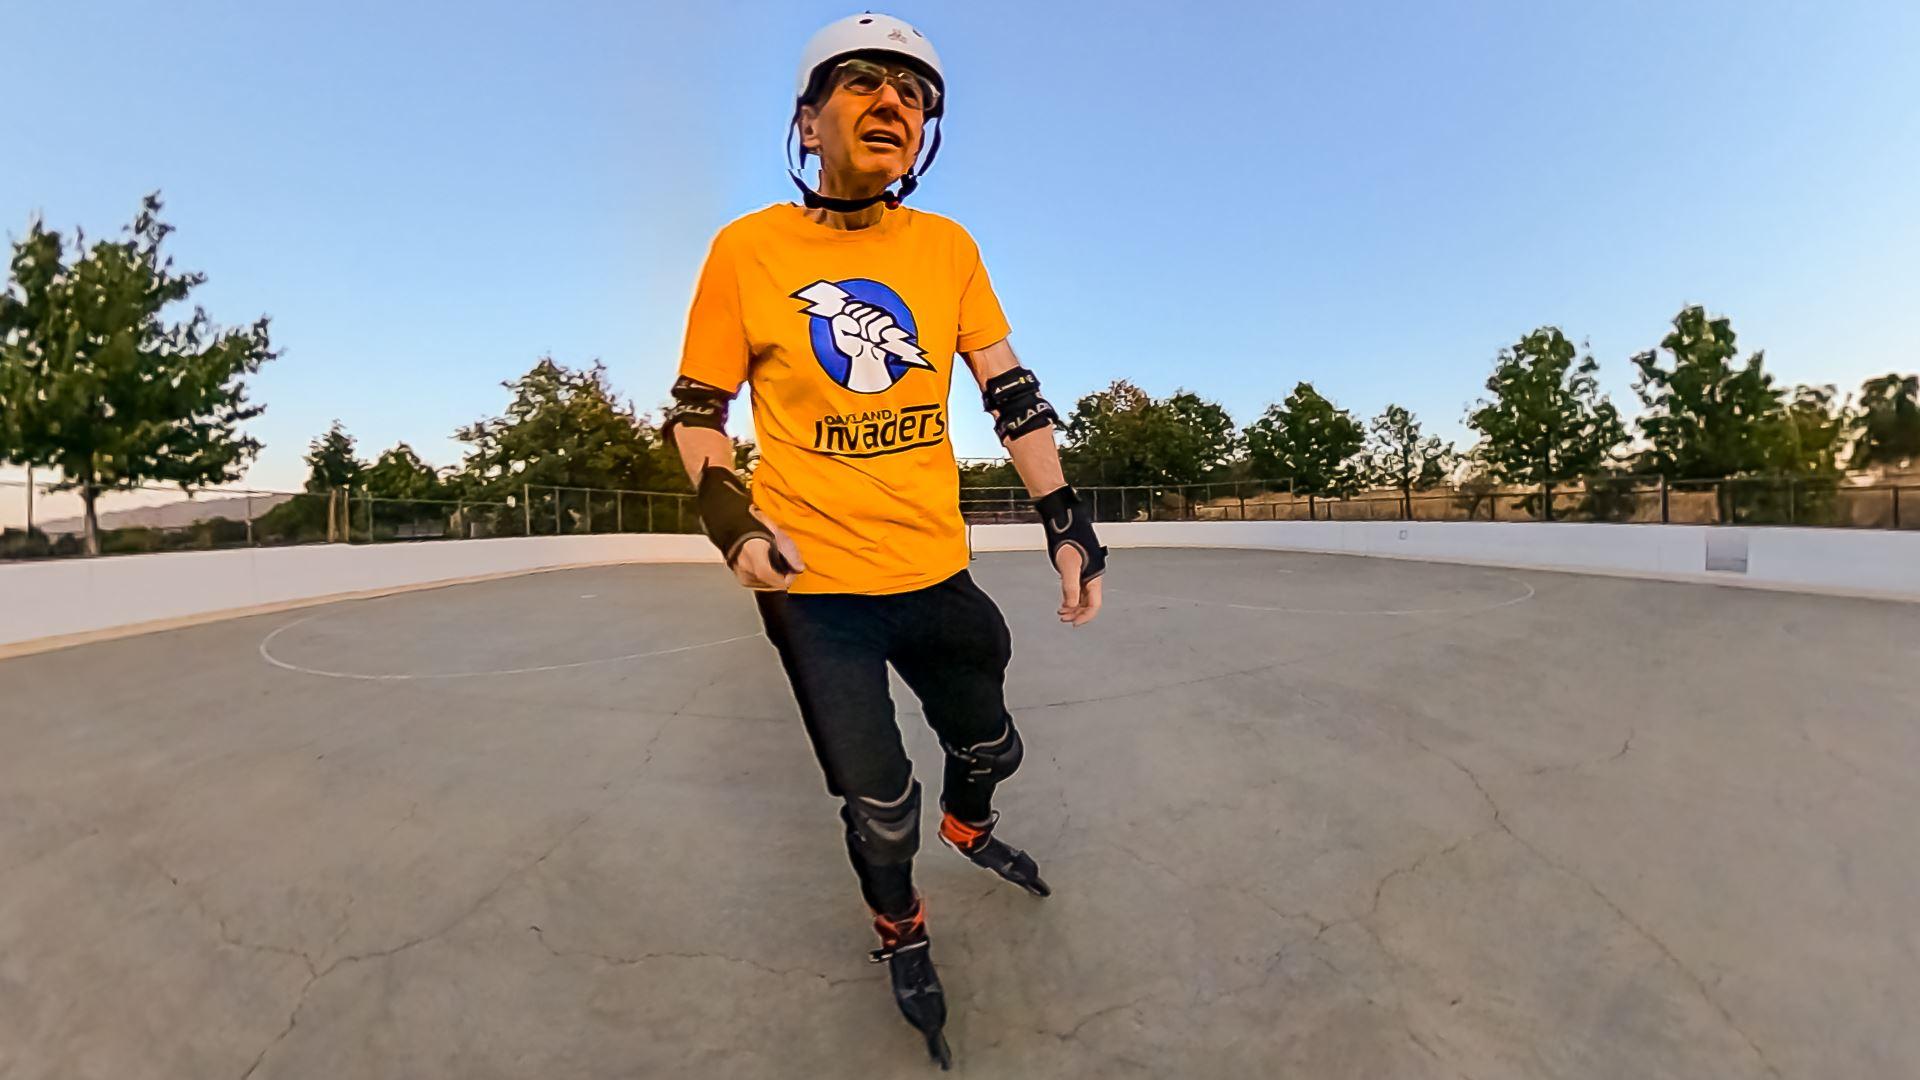 pleasanton-skate-2020-06-29-0001